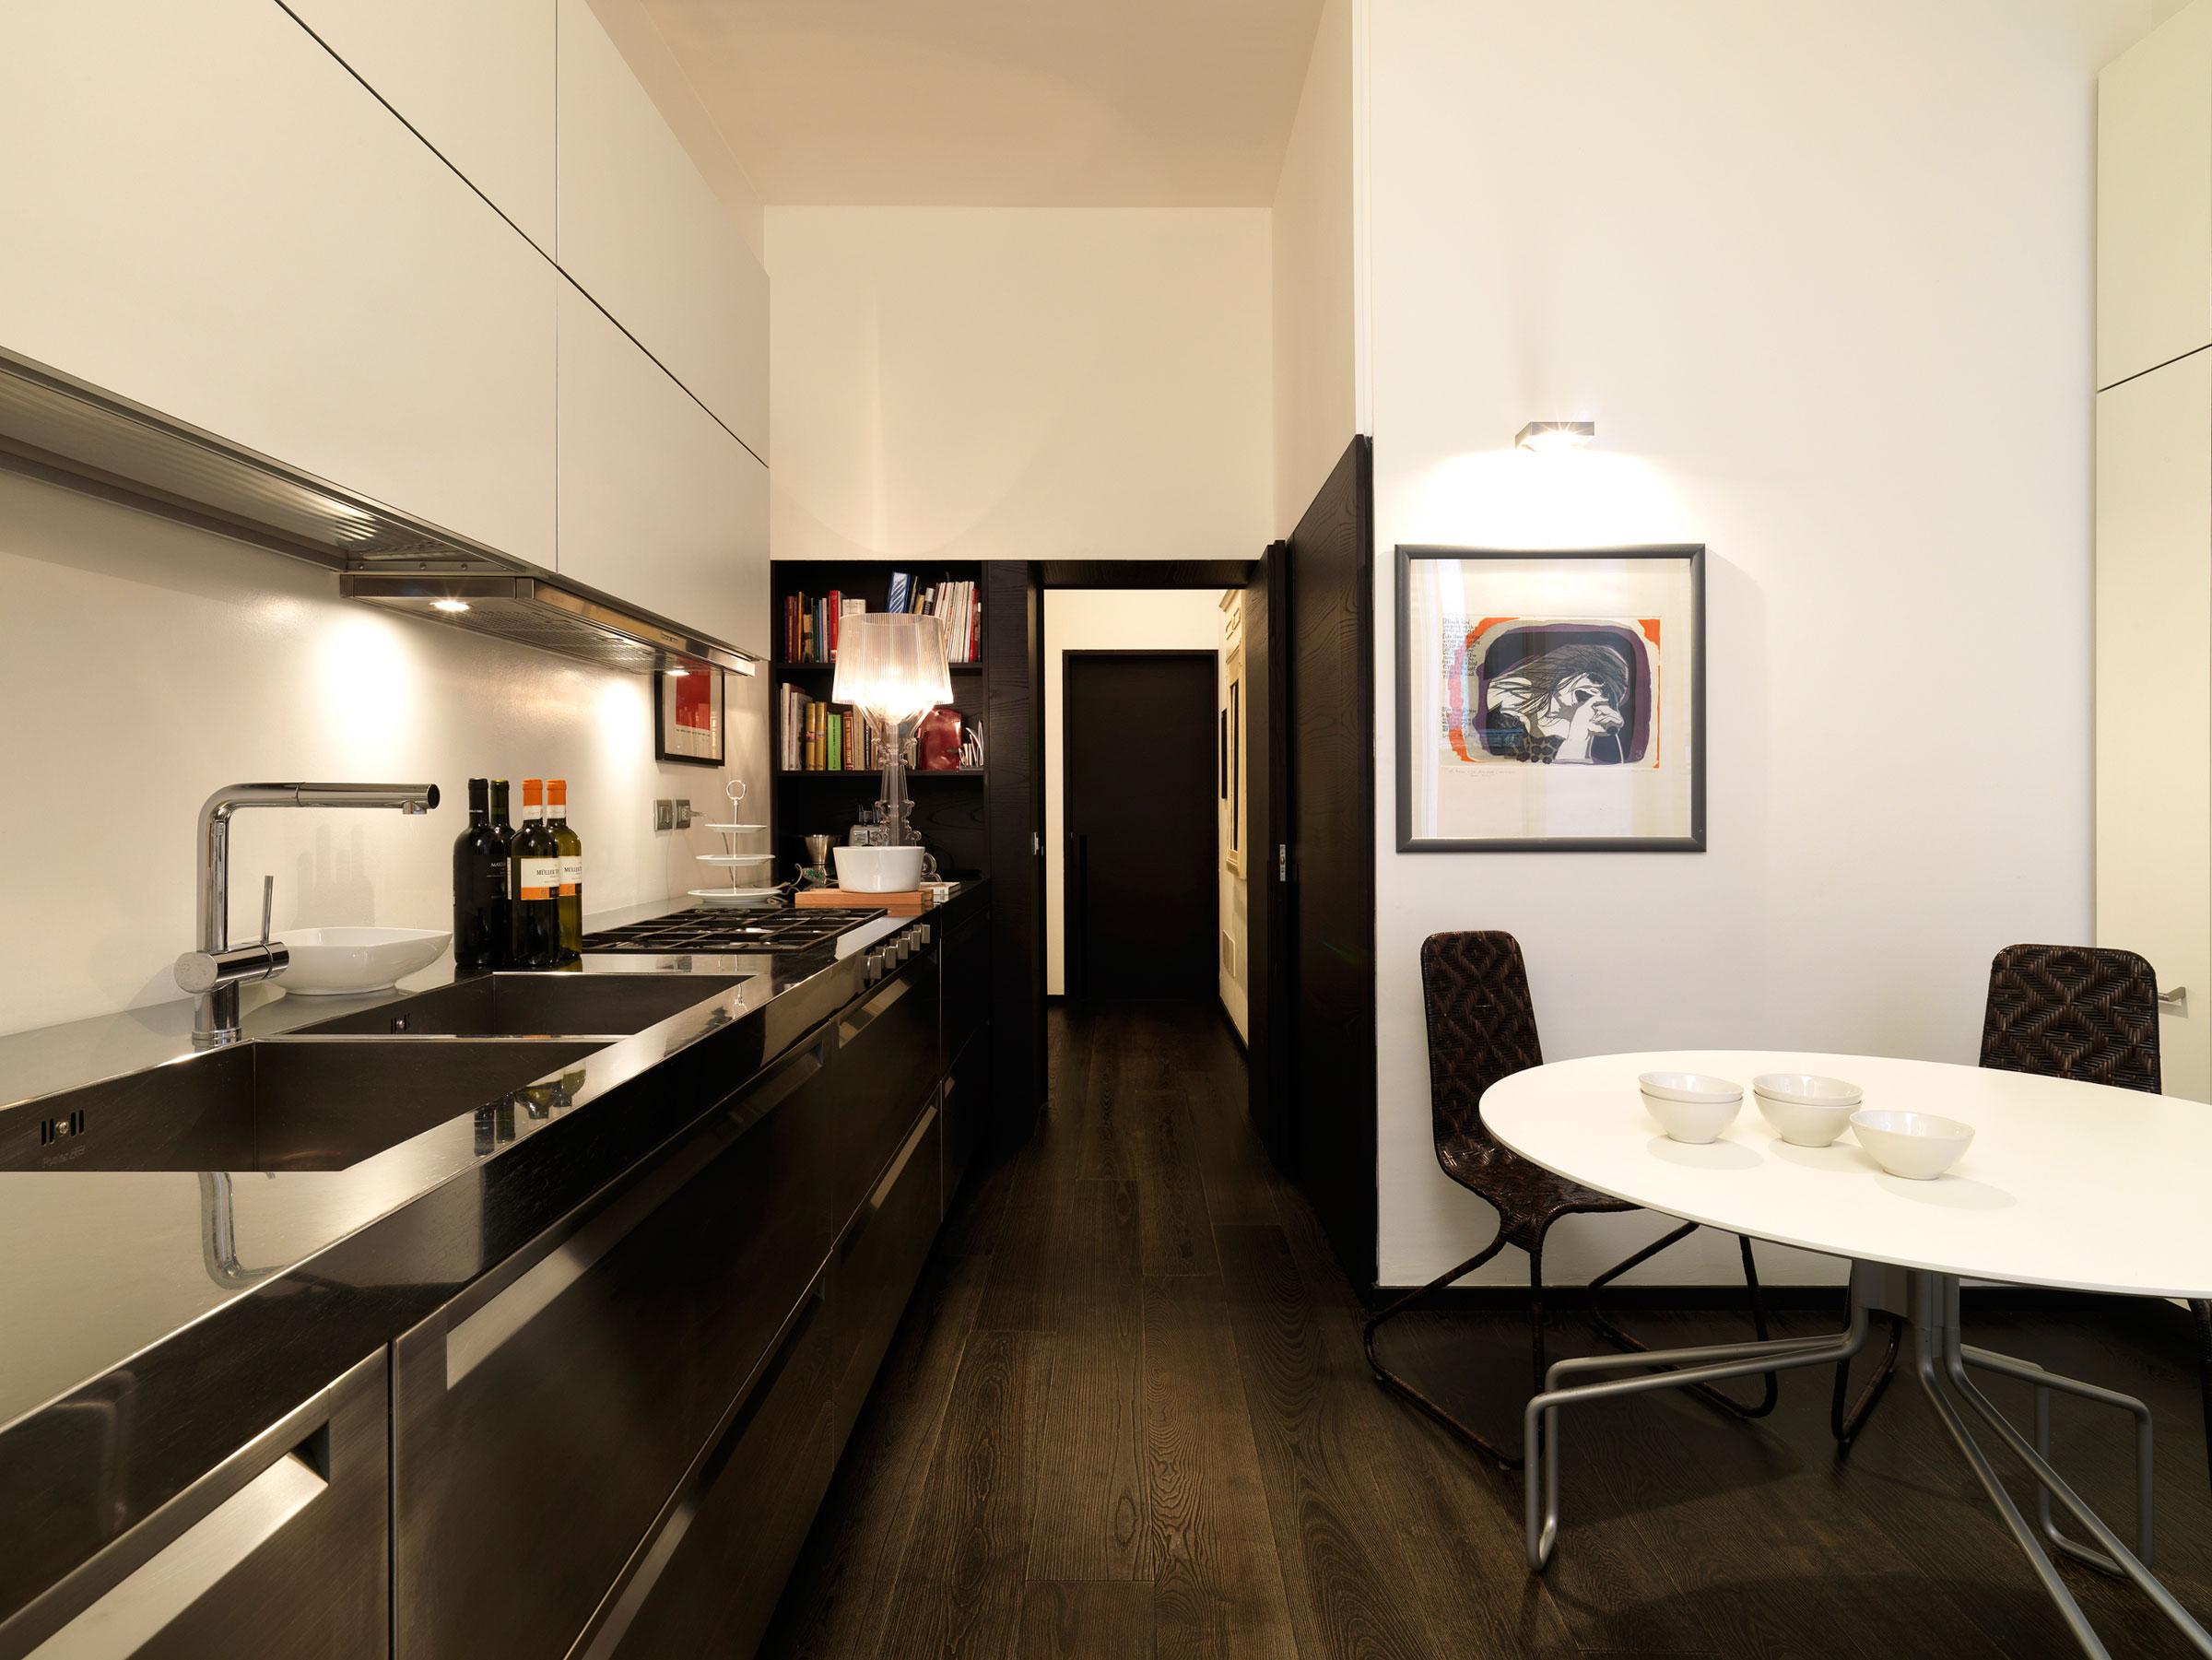 Дизайнерский интерьер небольшой кухни - фото 49